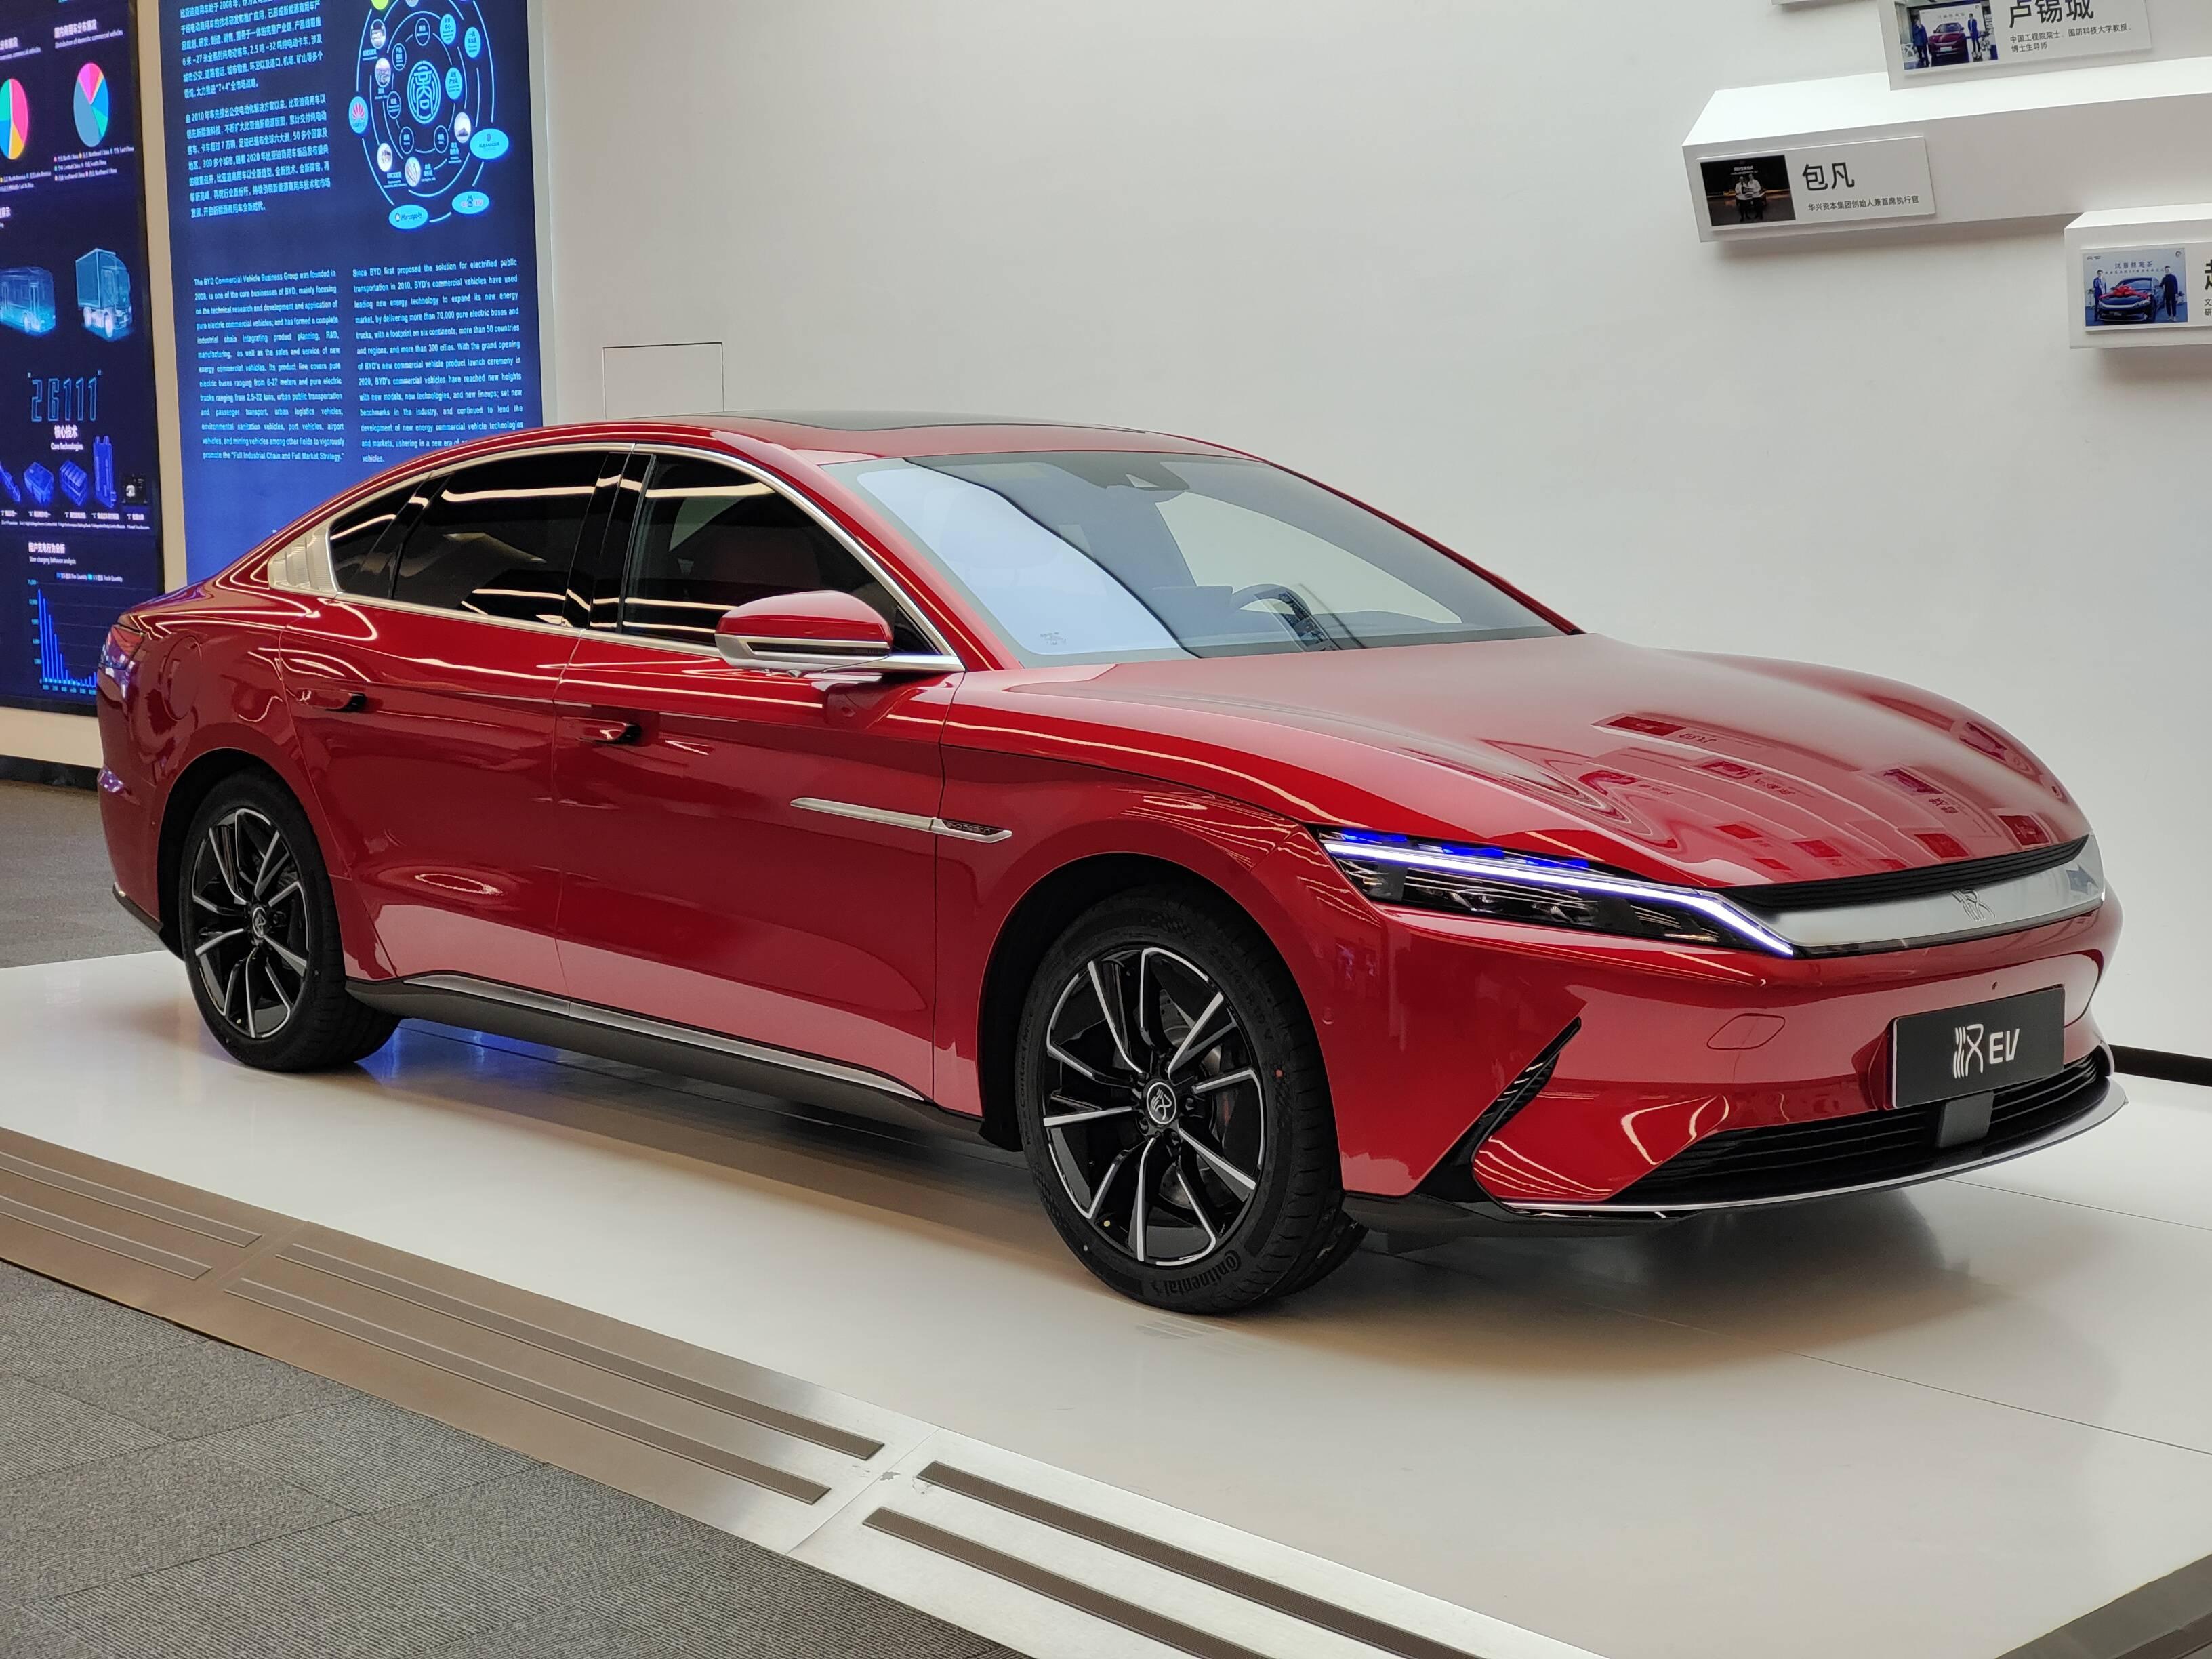 续航里程506km比亚迪汉EV标准续航版豪华型上市售价20.98万元b3y